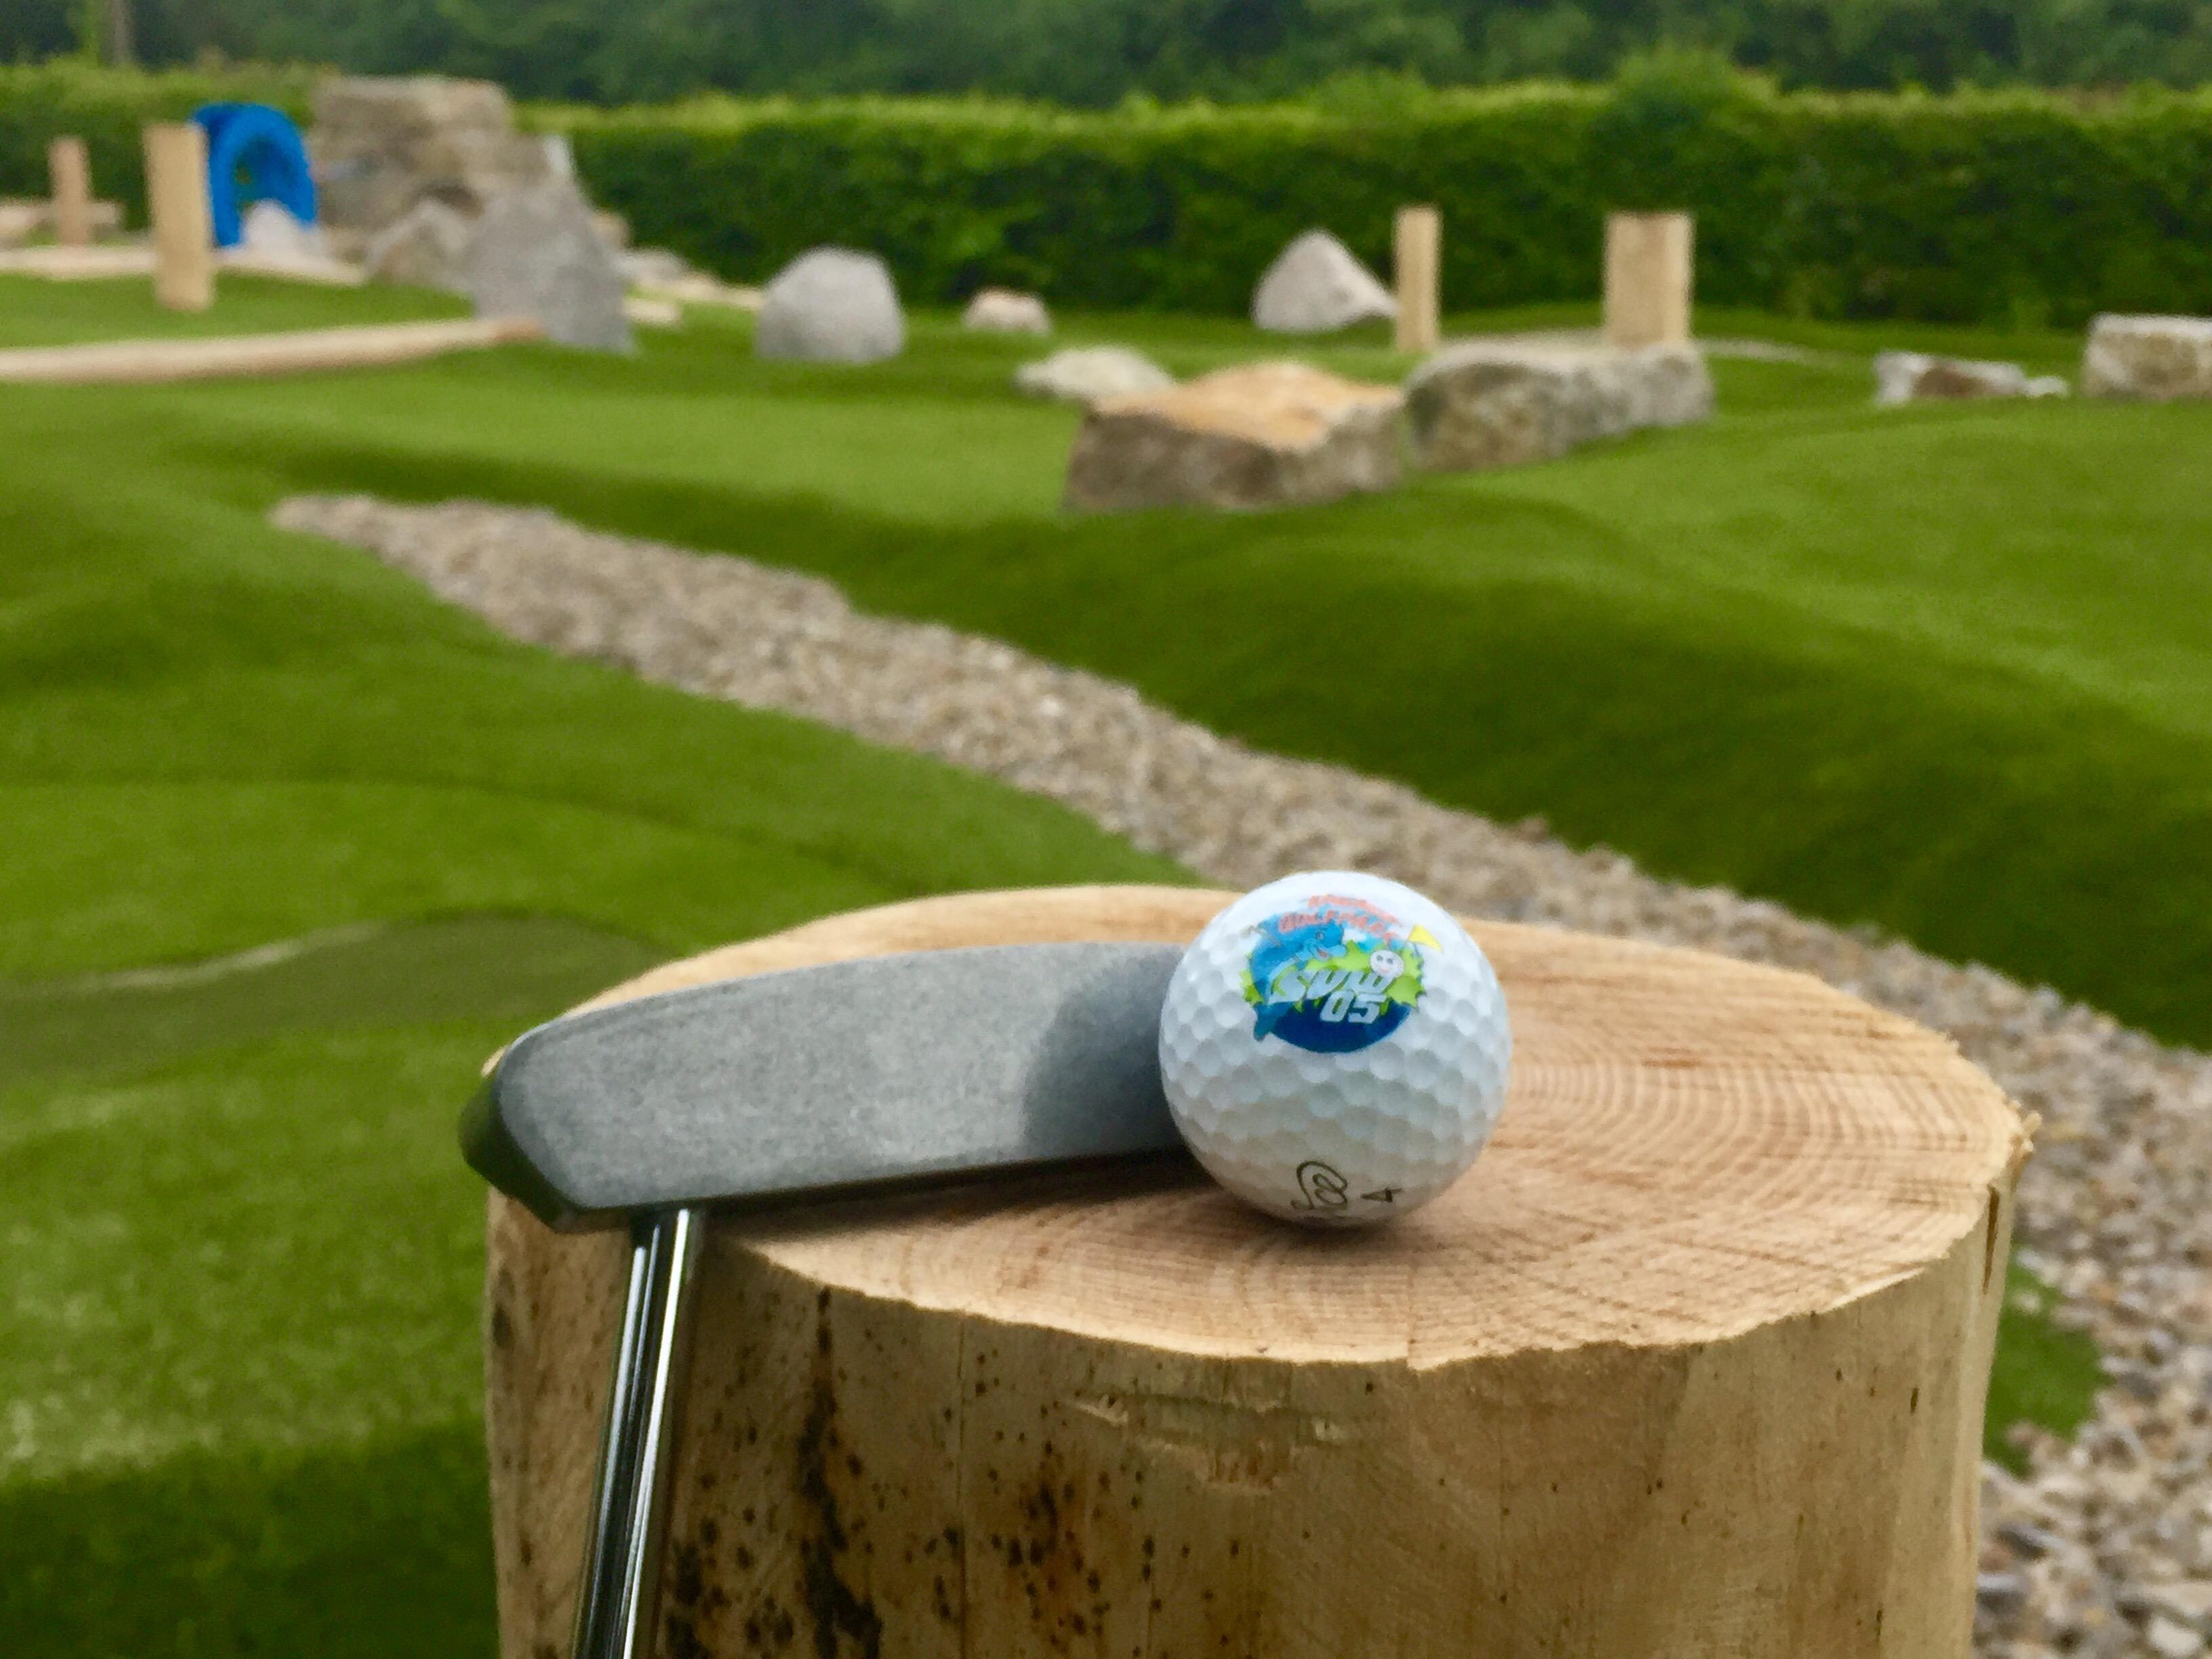 Schläger und Golfball des Abenteuer Golfparks SVW05